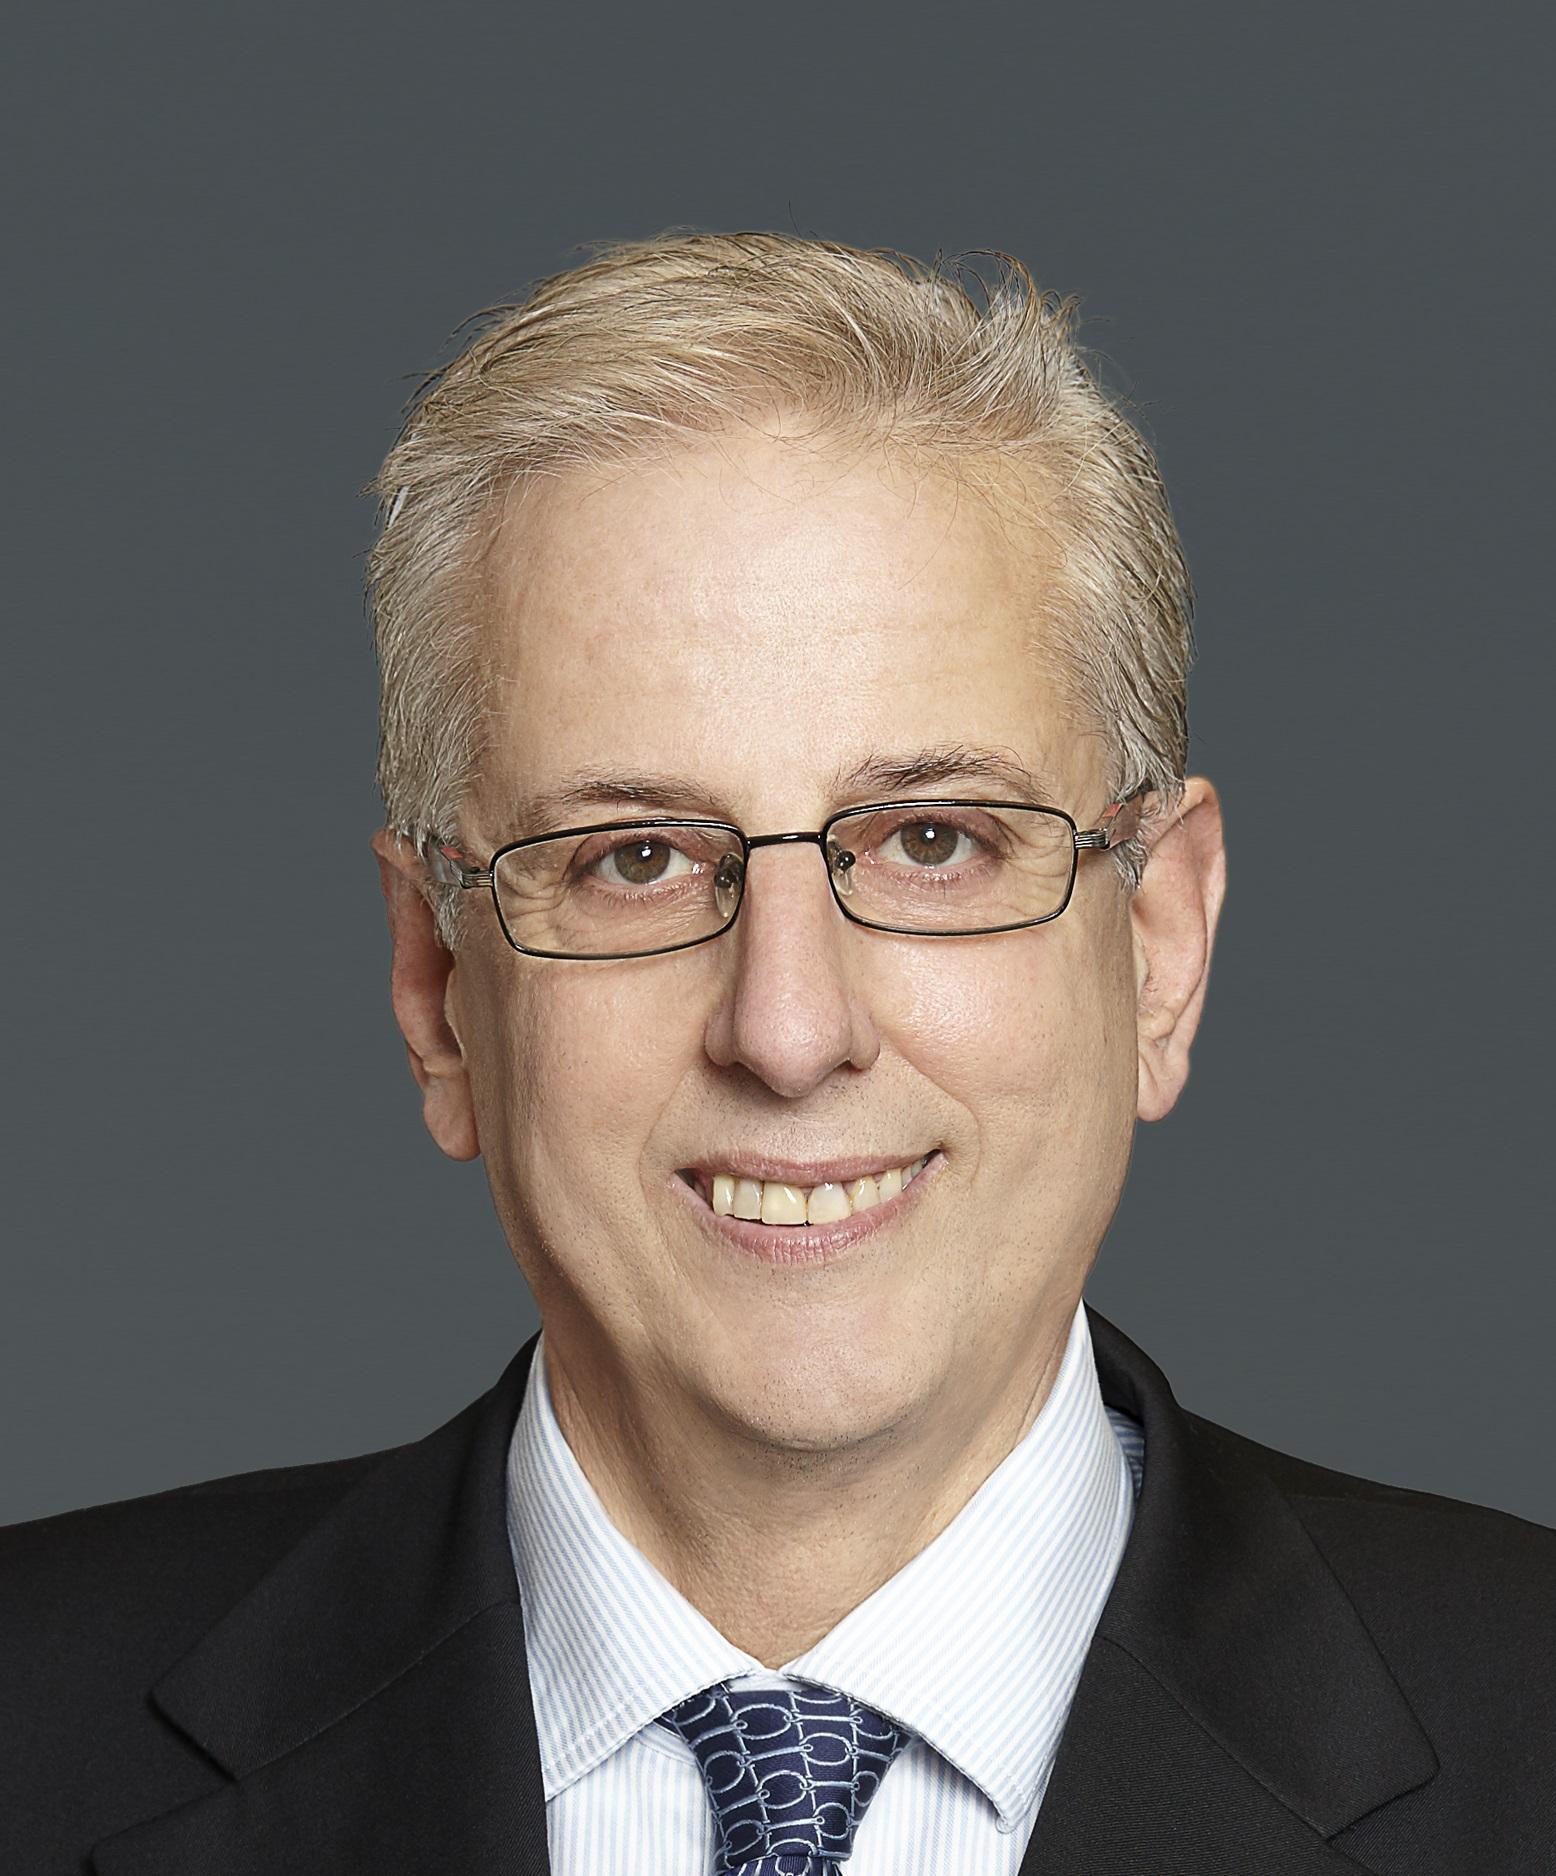 Alan Briefel